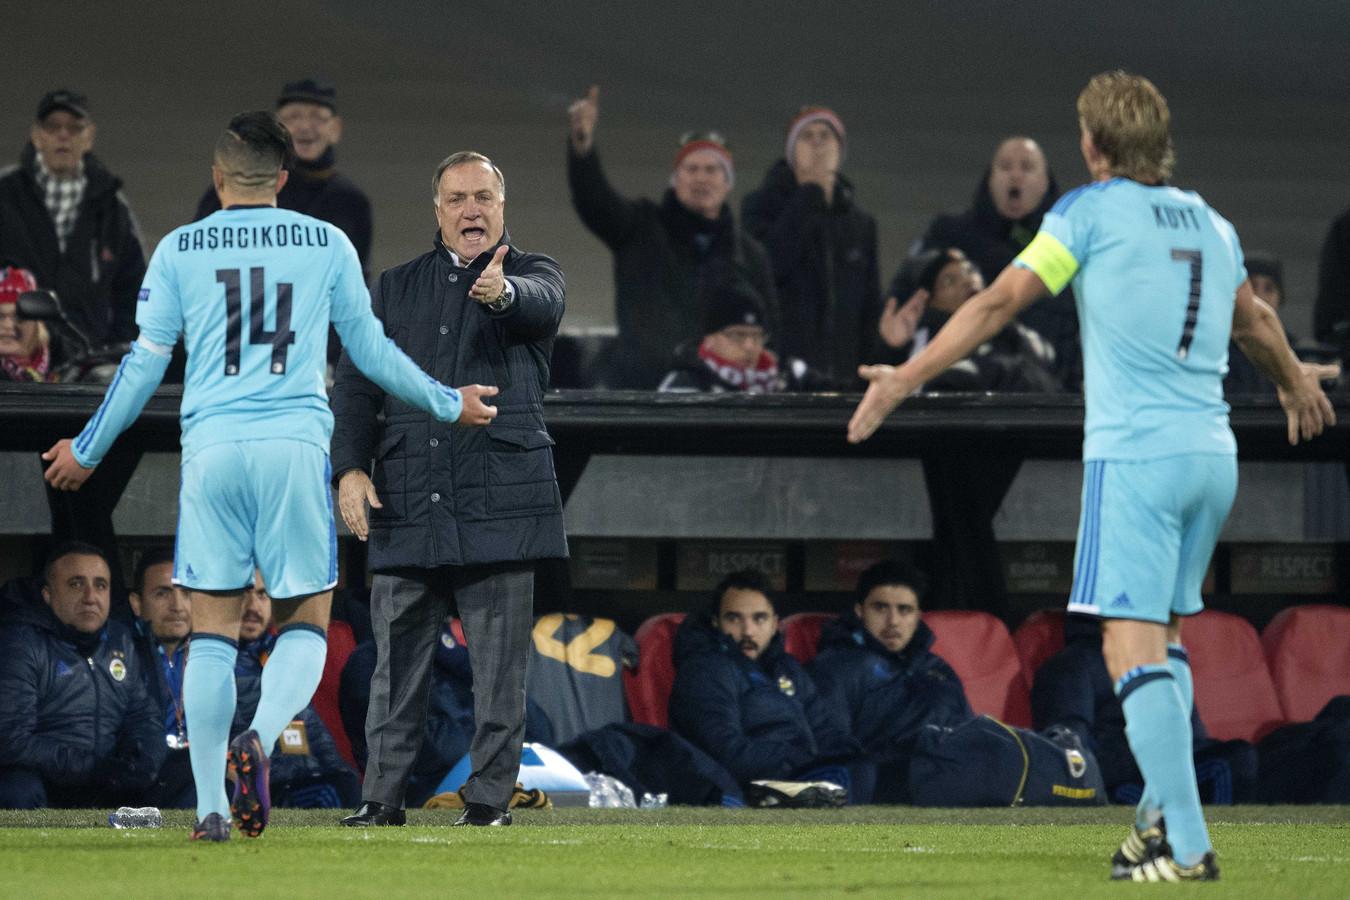 Dick Advocaat als coach van Fenerbahce in discussie met de Feyenoorders Bilal Basacikoglu en Dirk Kuyt.